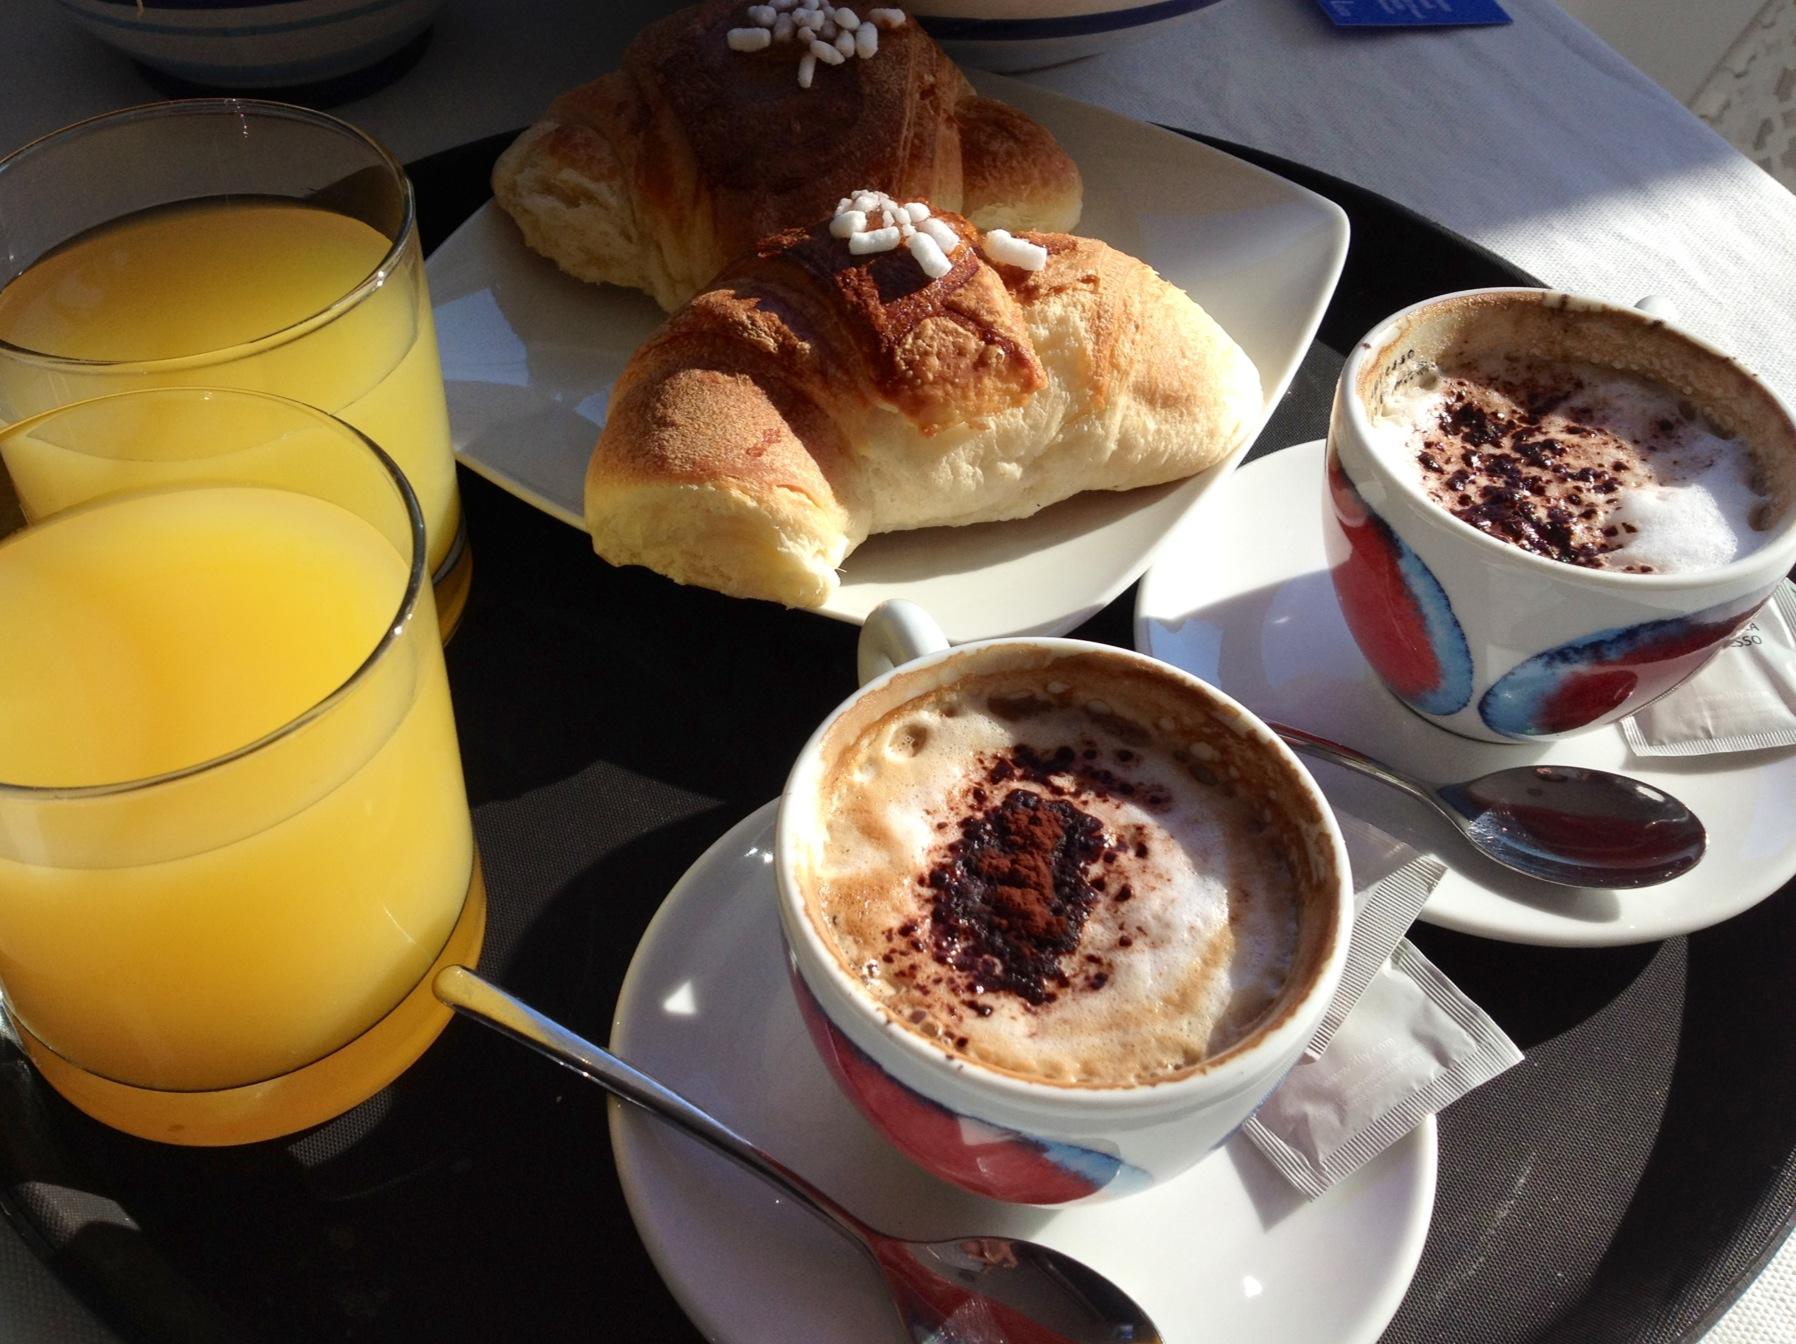 Italian coffee – Taste, Live, Share